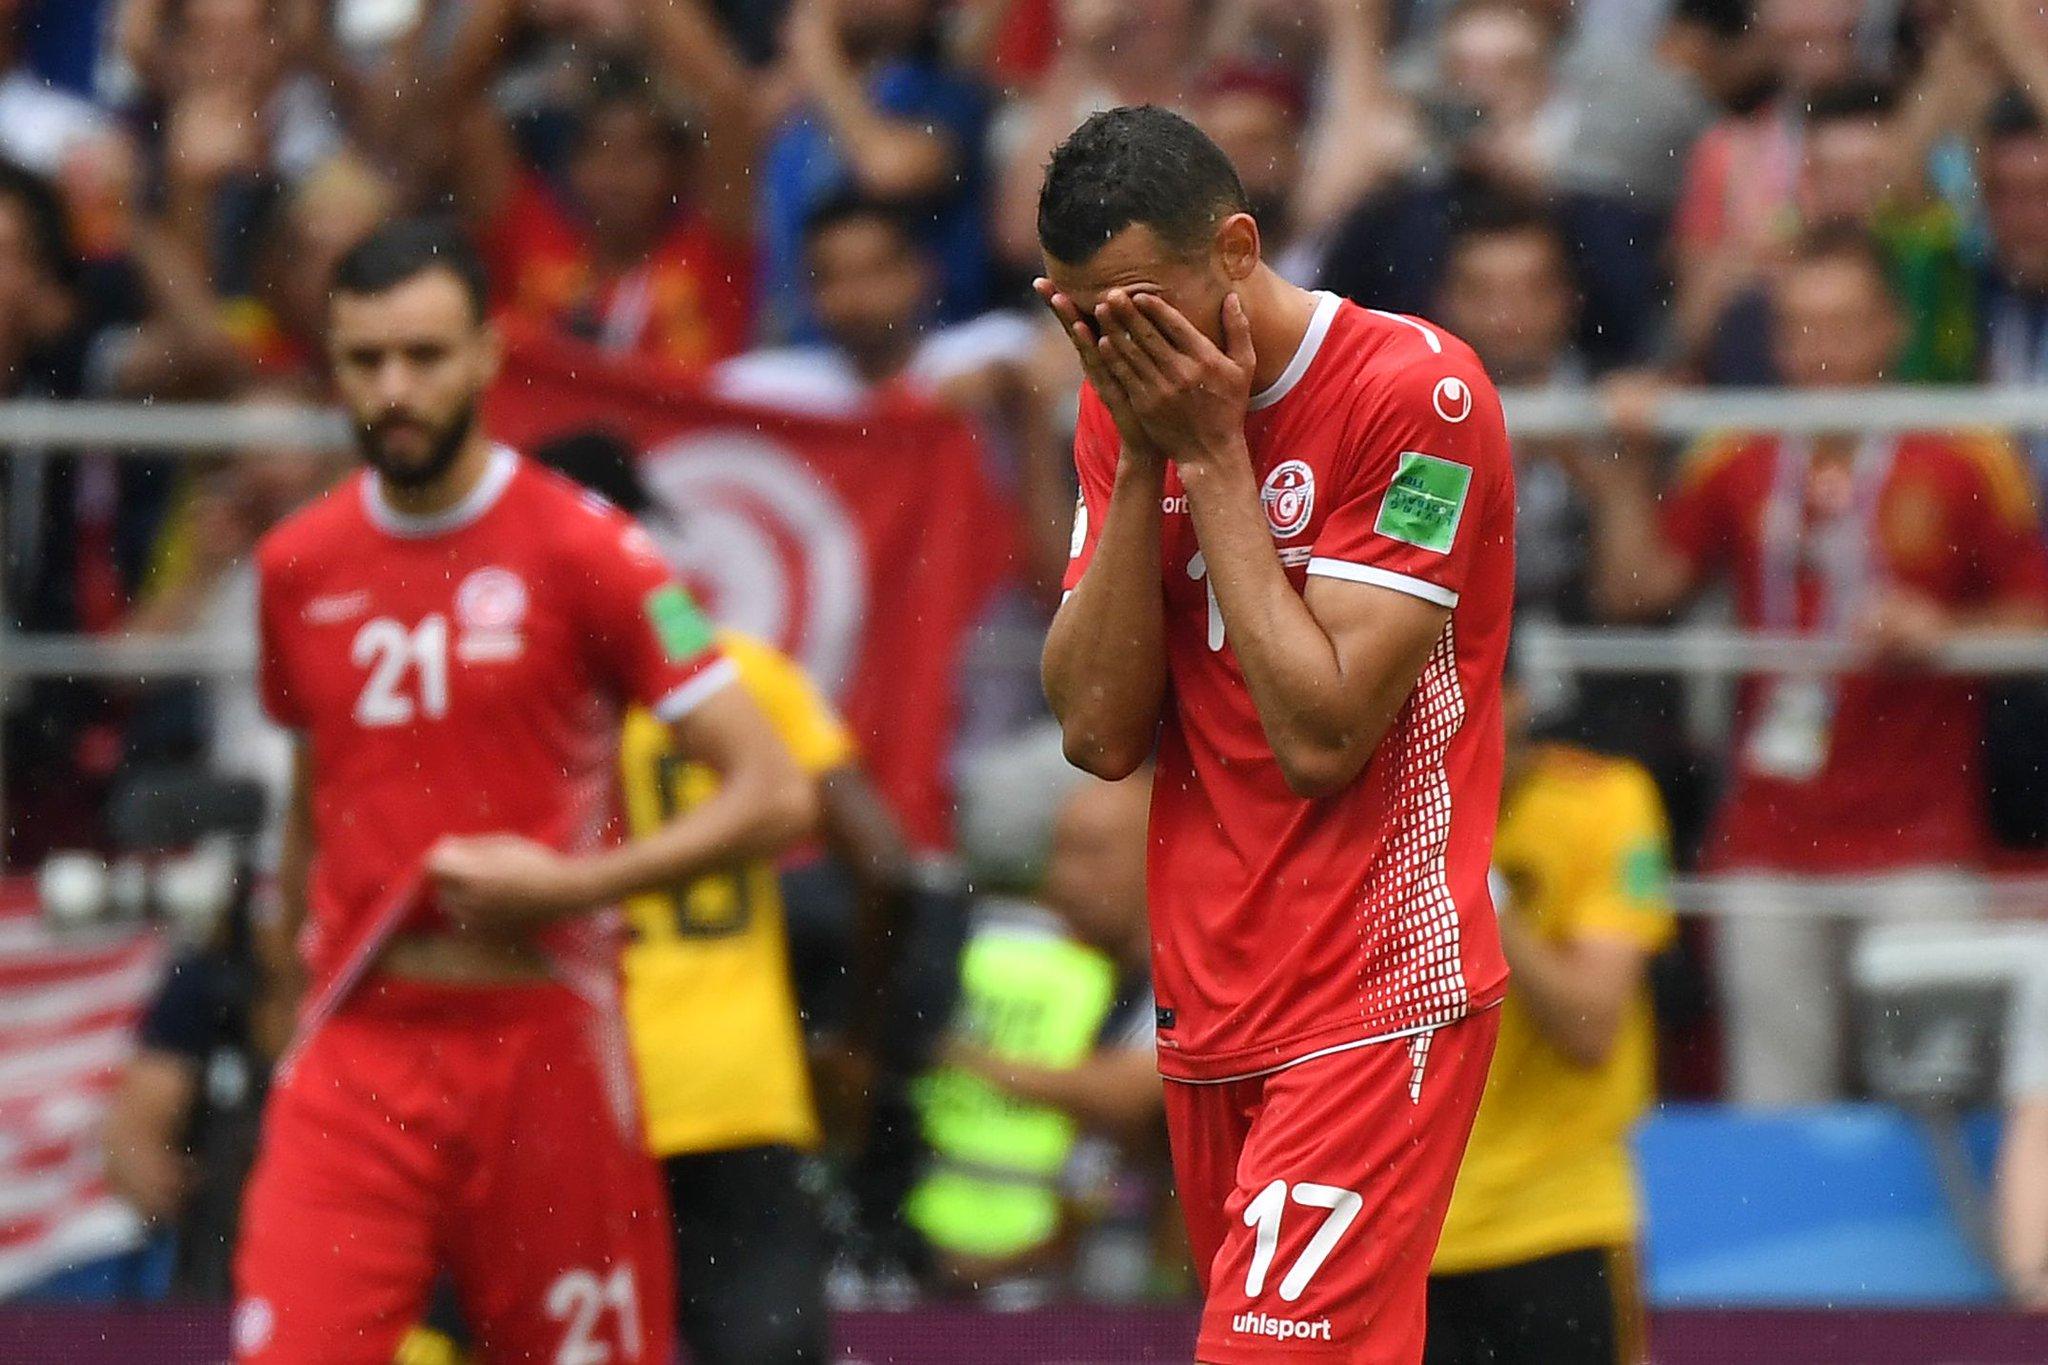 أهداف مباراة تونس وبلجيكا كاملة